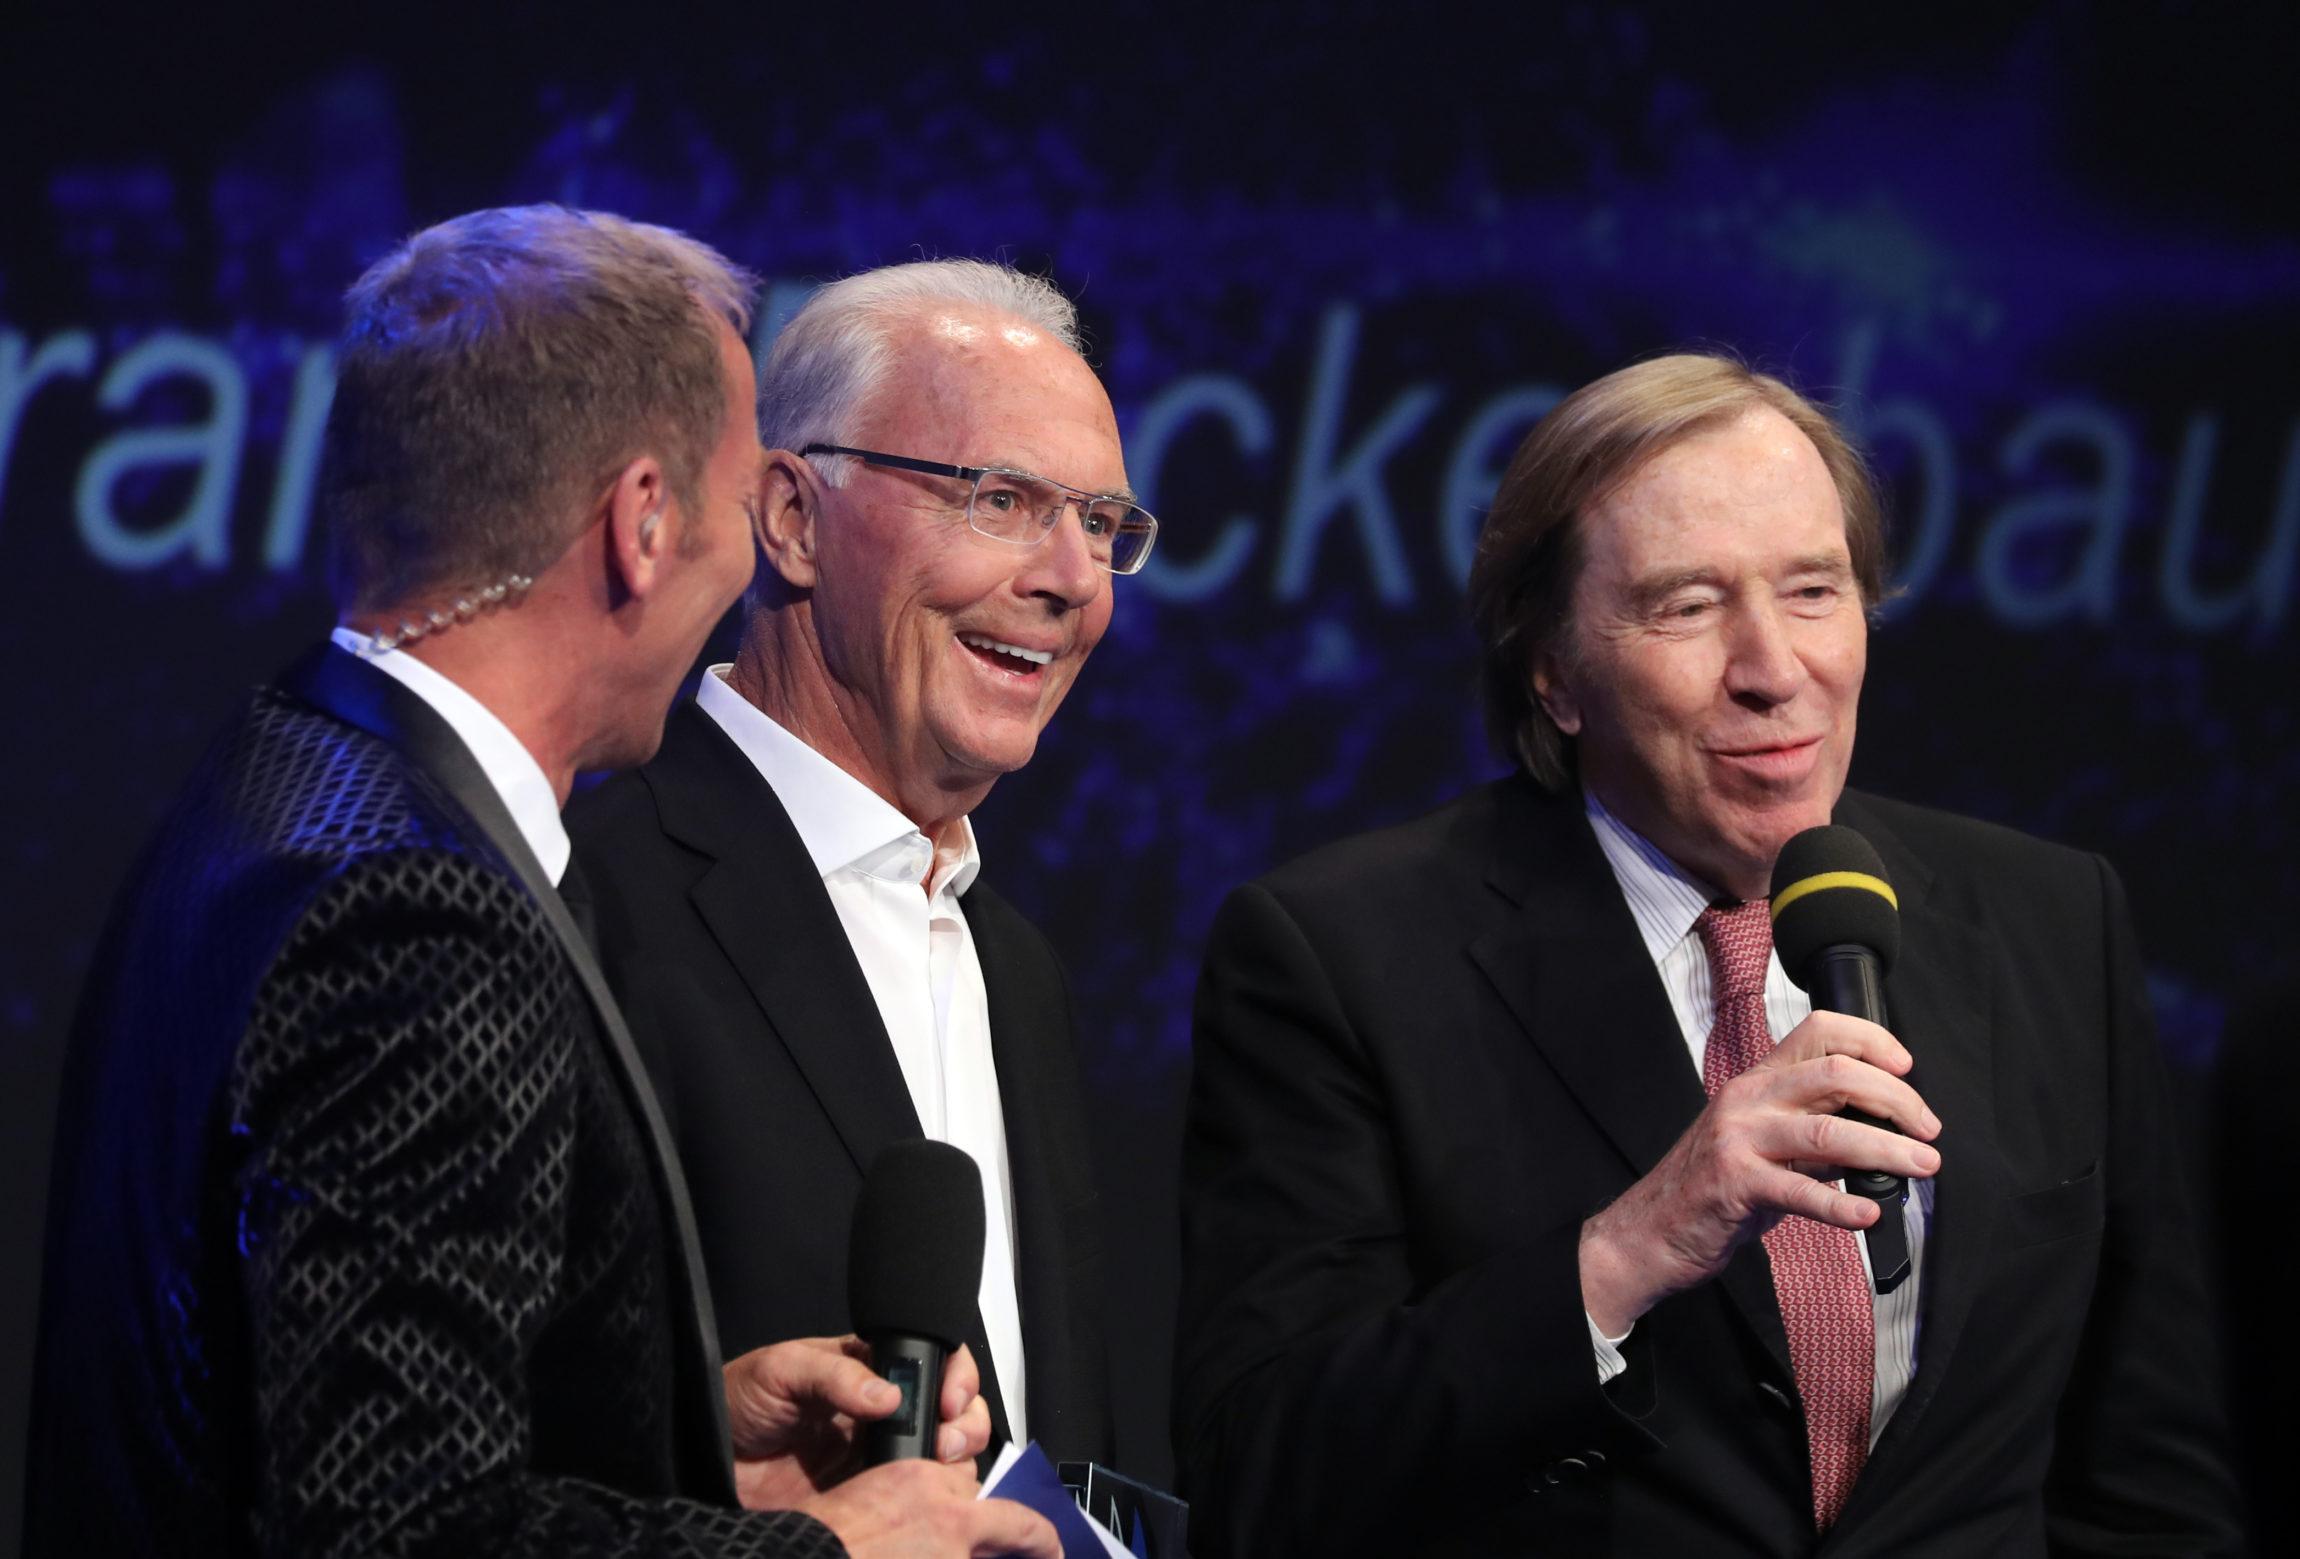 Bühnengespräch Beckenbauer und Netzer